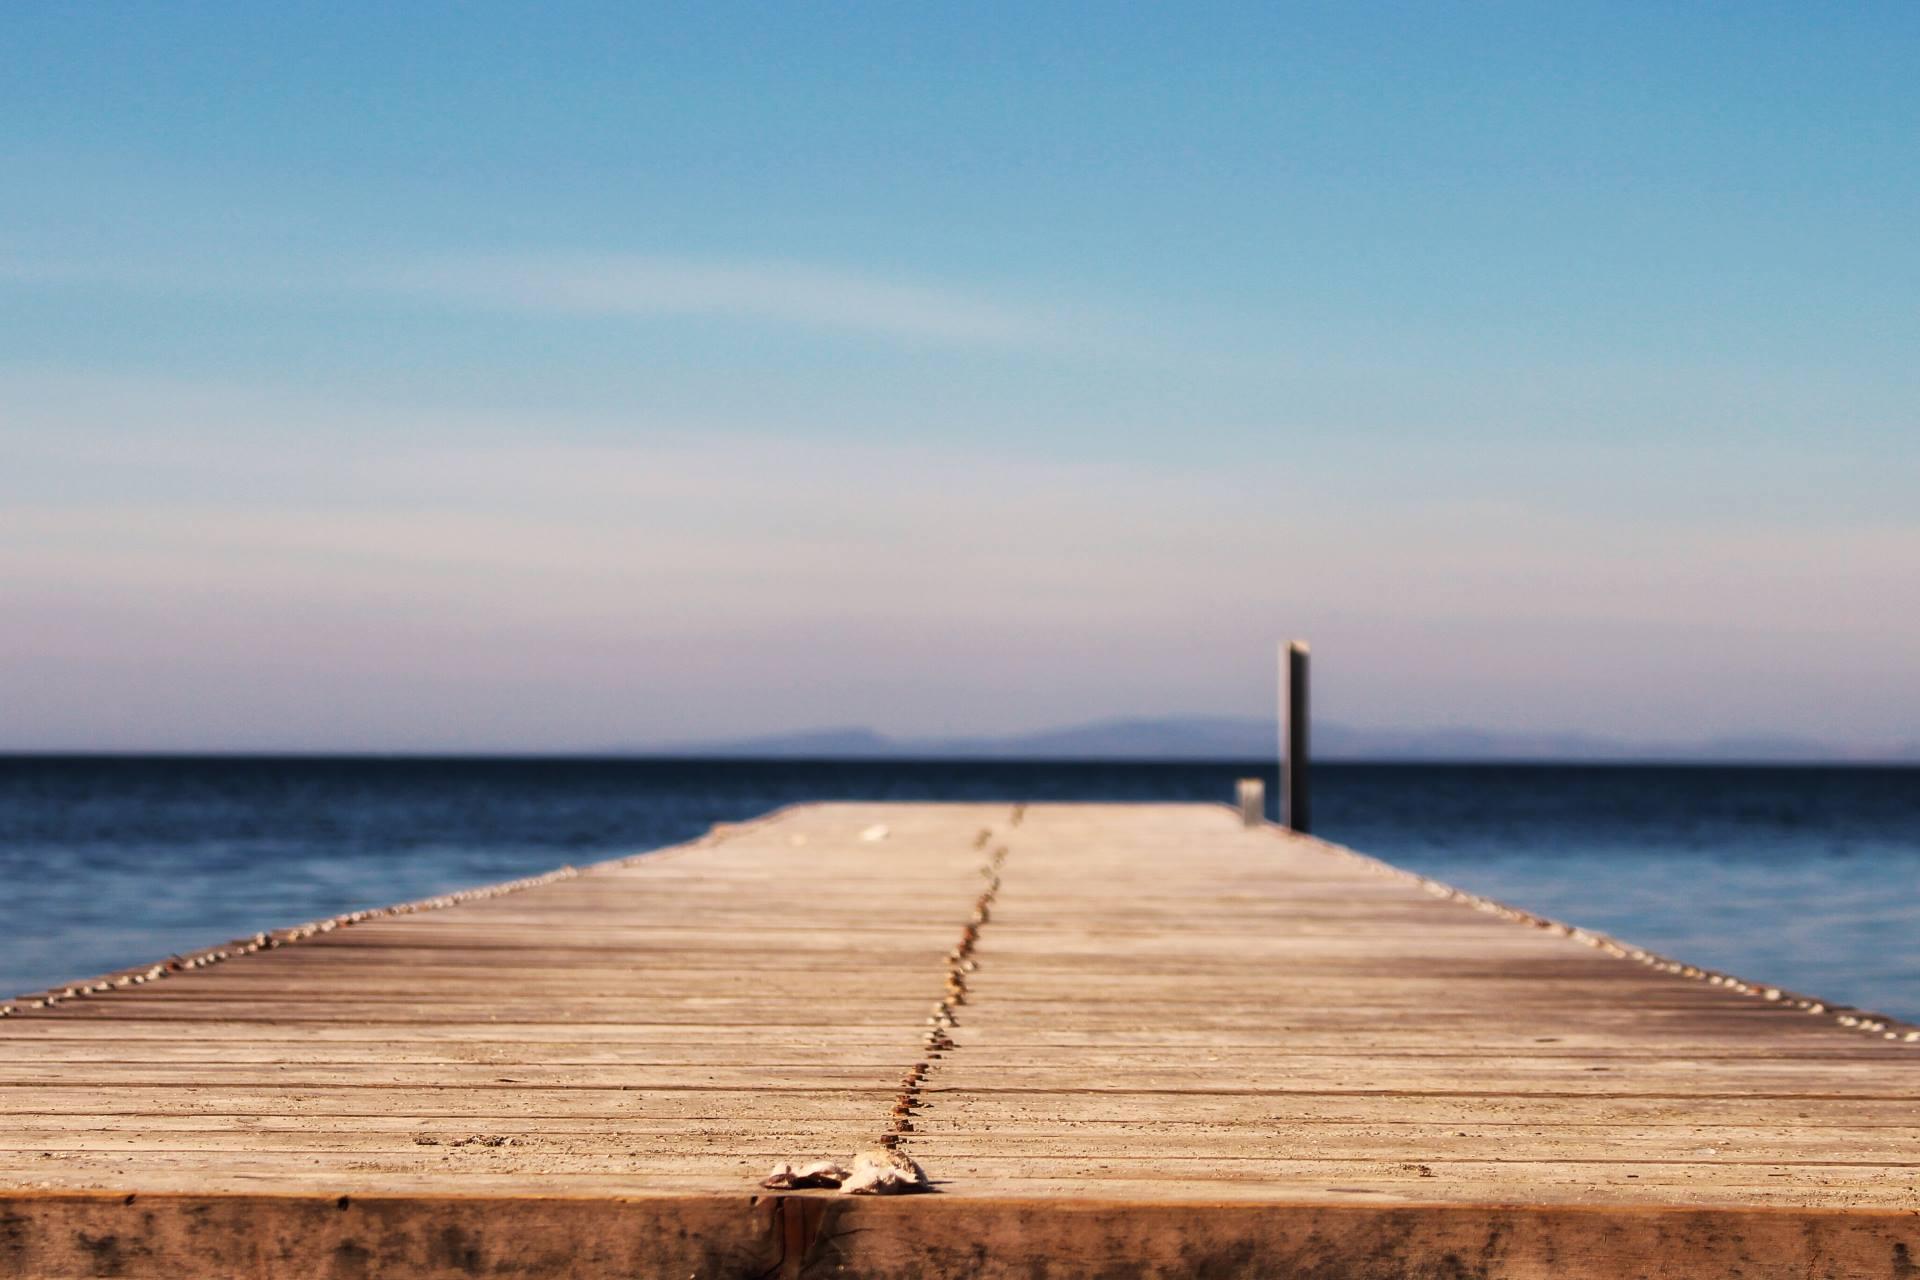 deniz kenarında bir tahta iskele